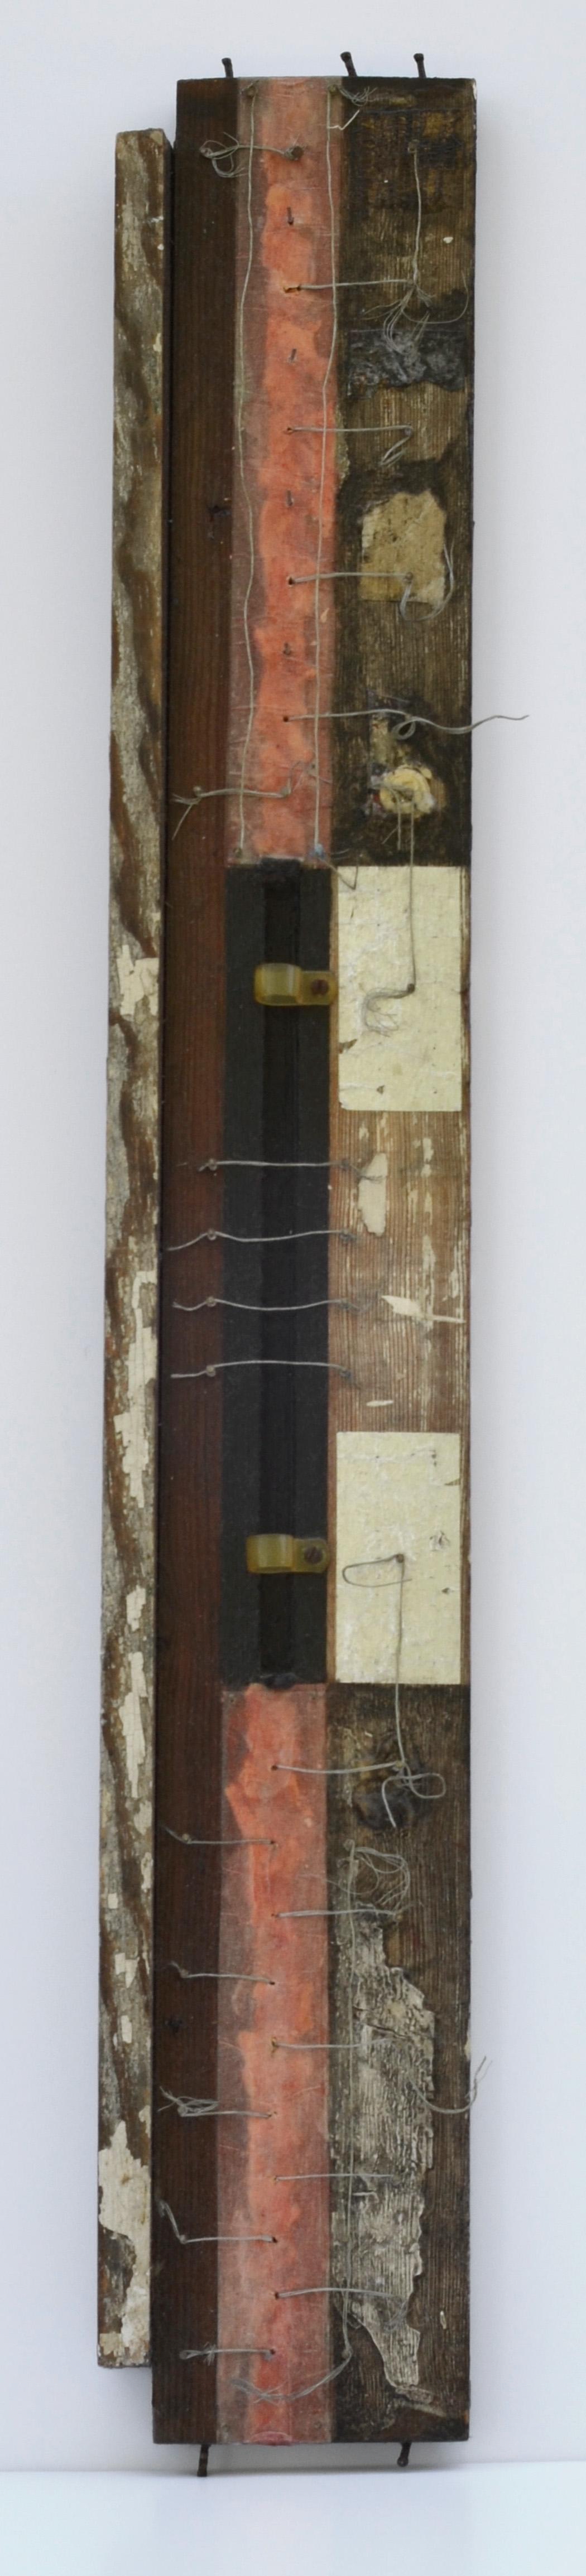 vert_instrument